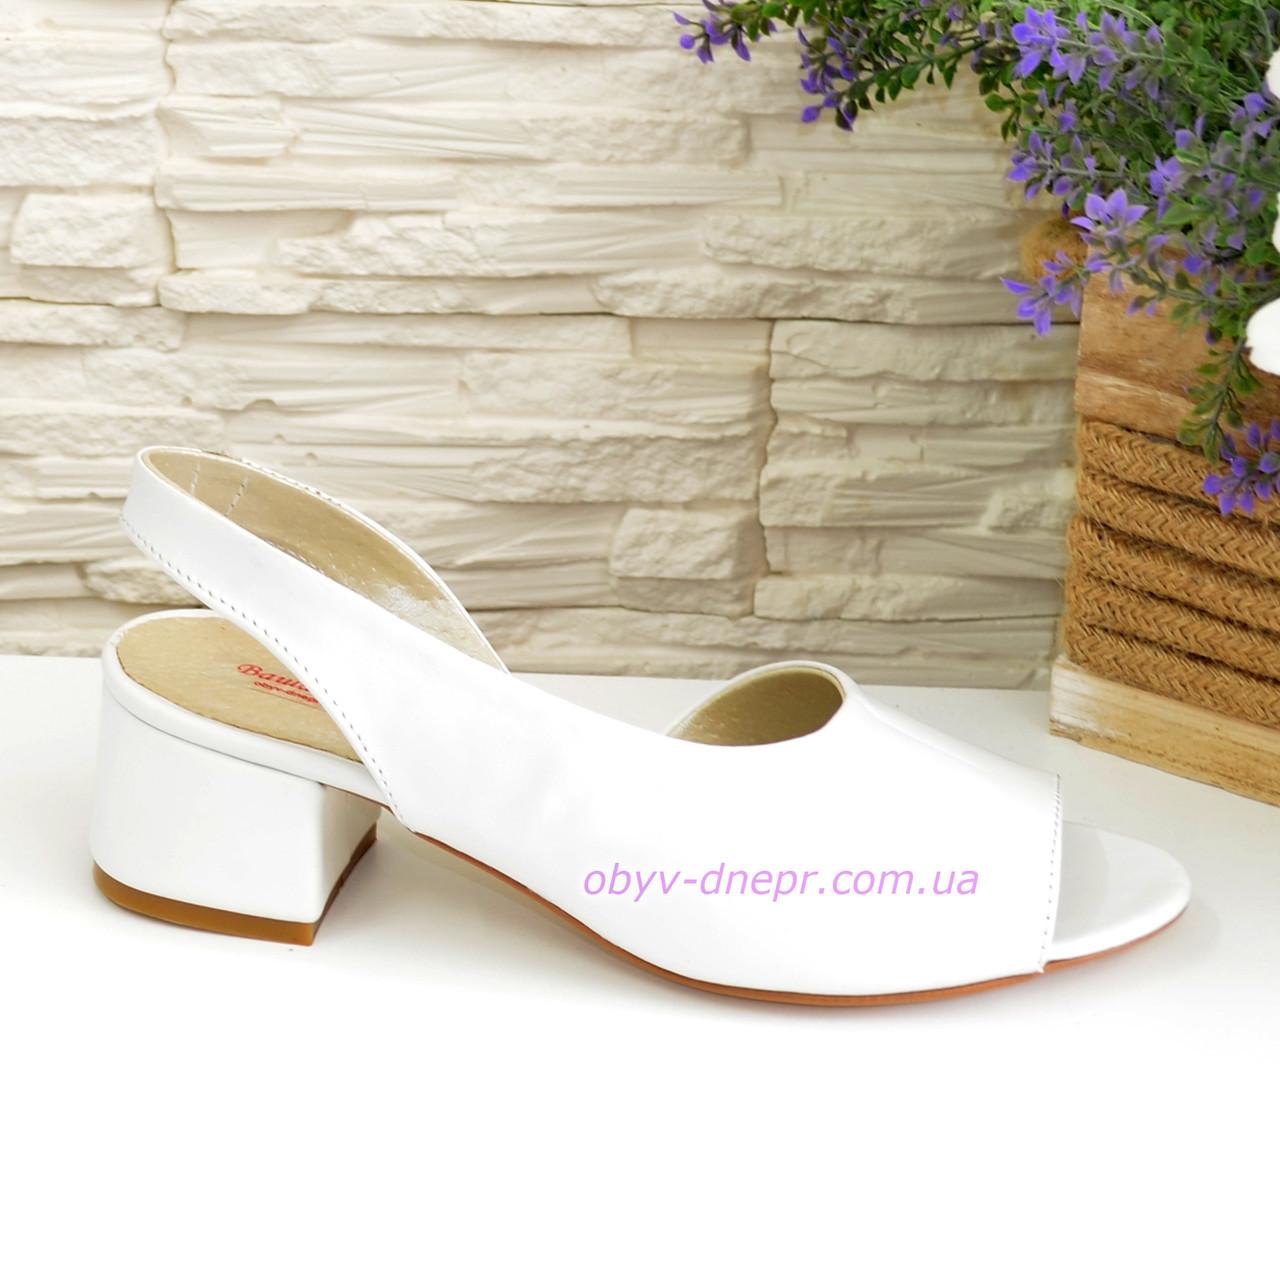 Женские босоножки на невысоком каблуке, цвет белый, фото 1